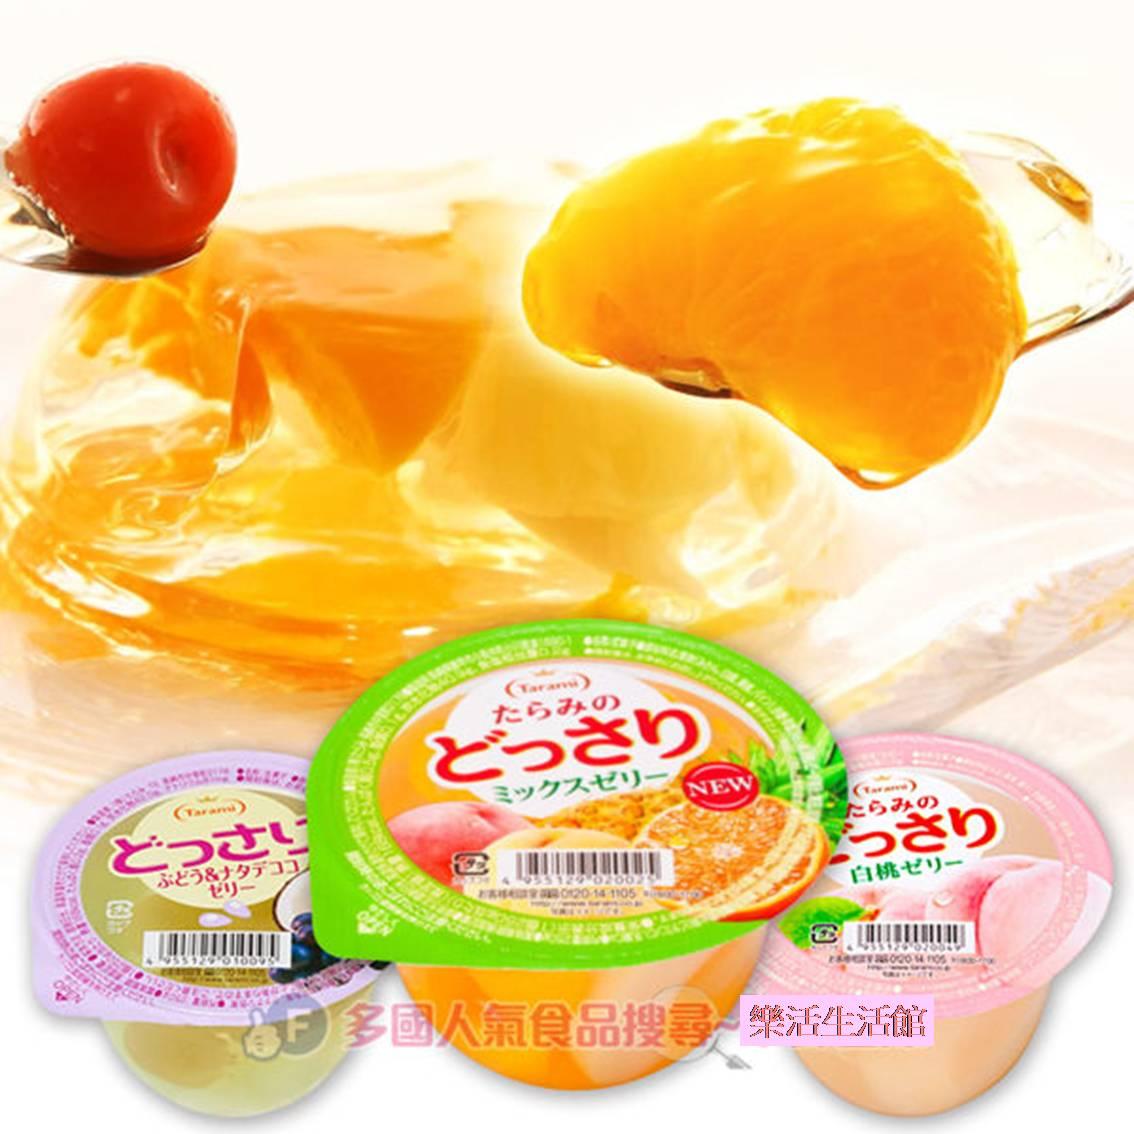 【現貨】日本 Tarami達樂美 低卡鮮果肉果凍250g 白桃/合水果/芒果【樂活生活館】